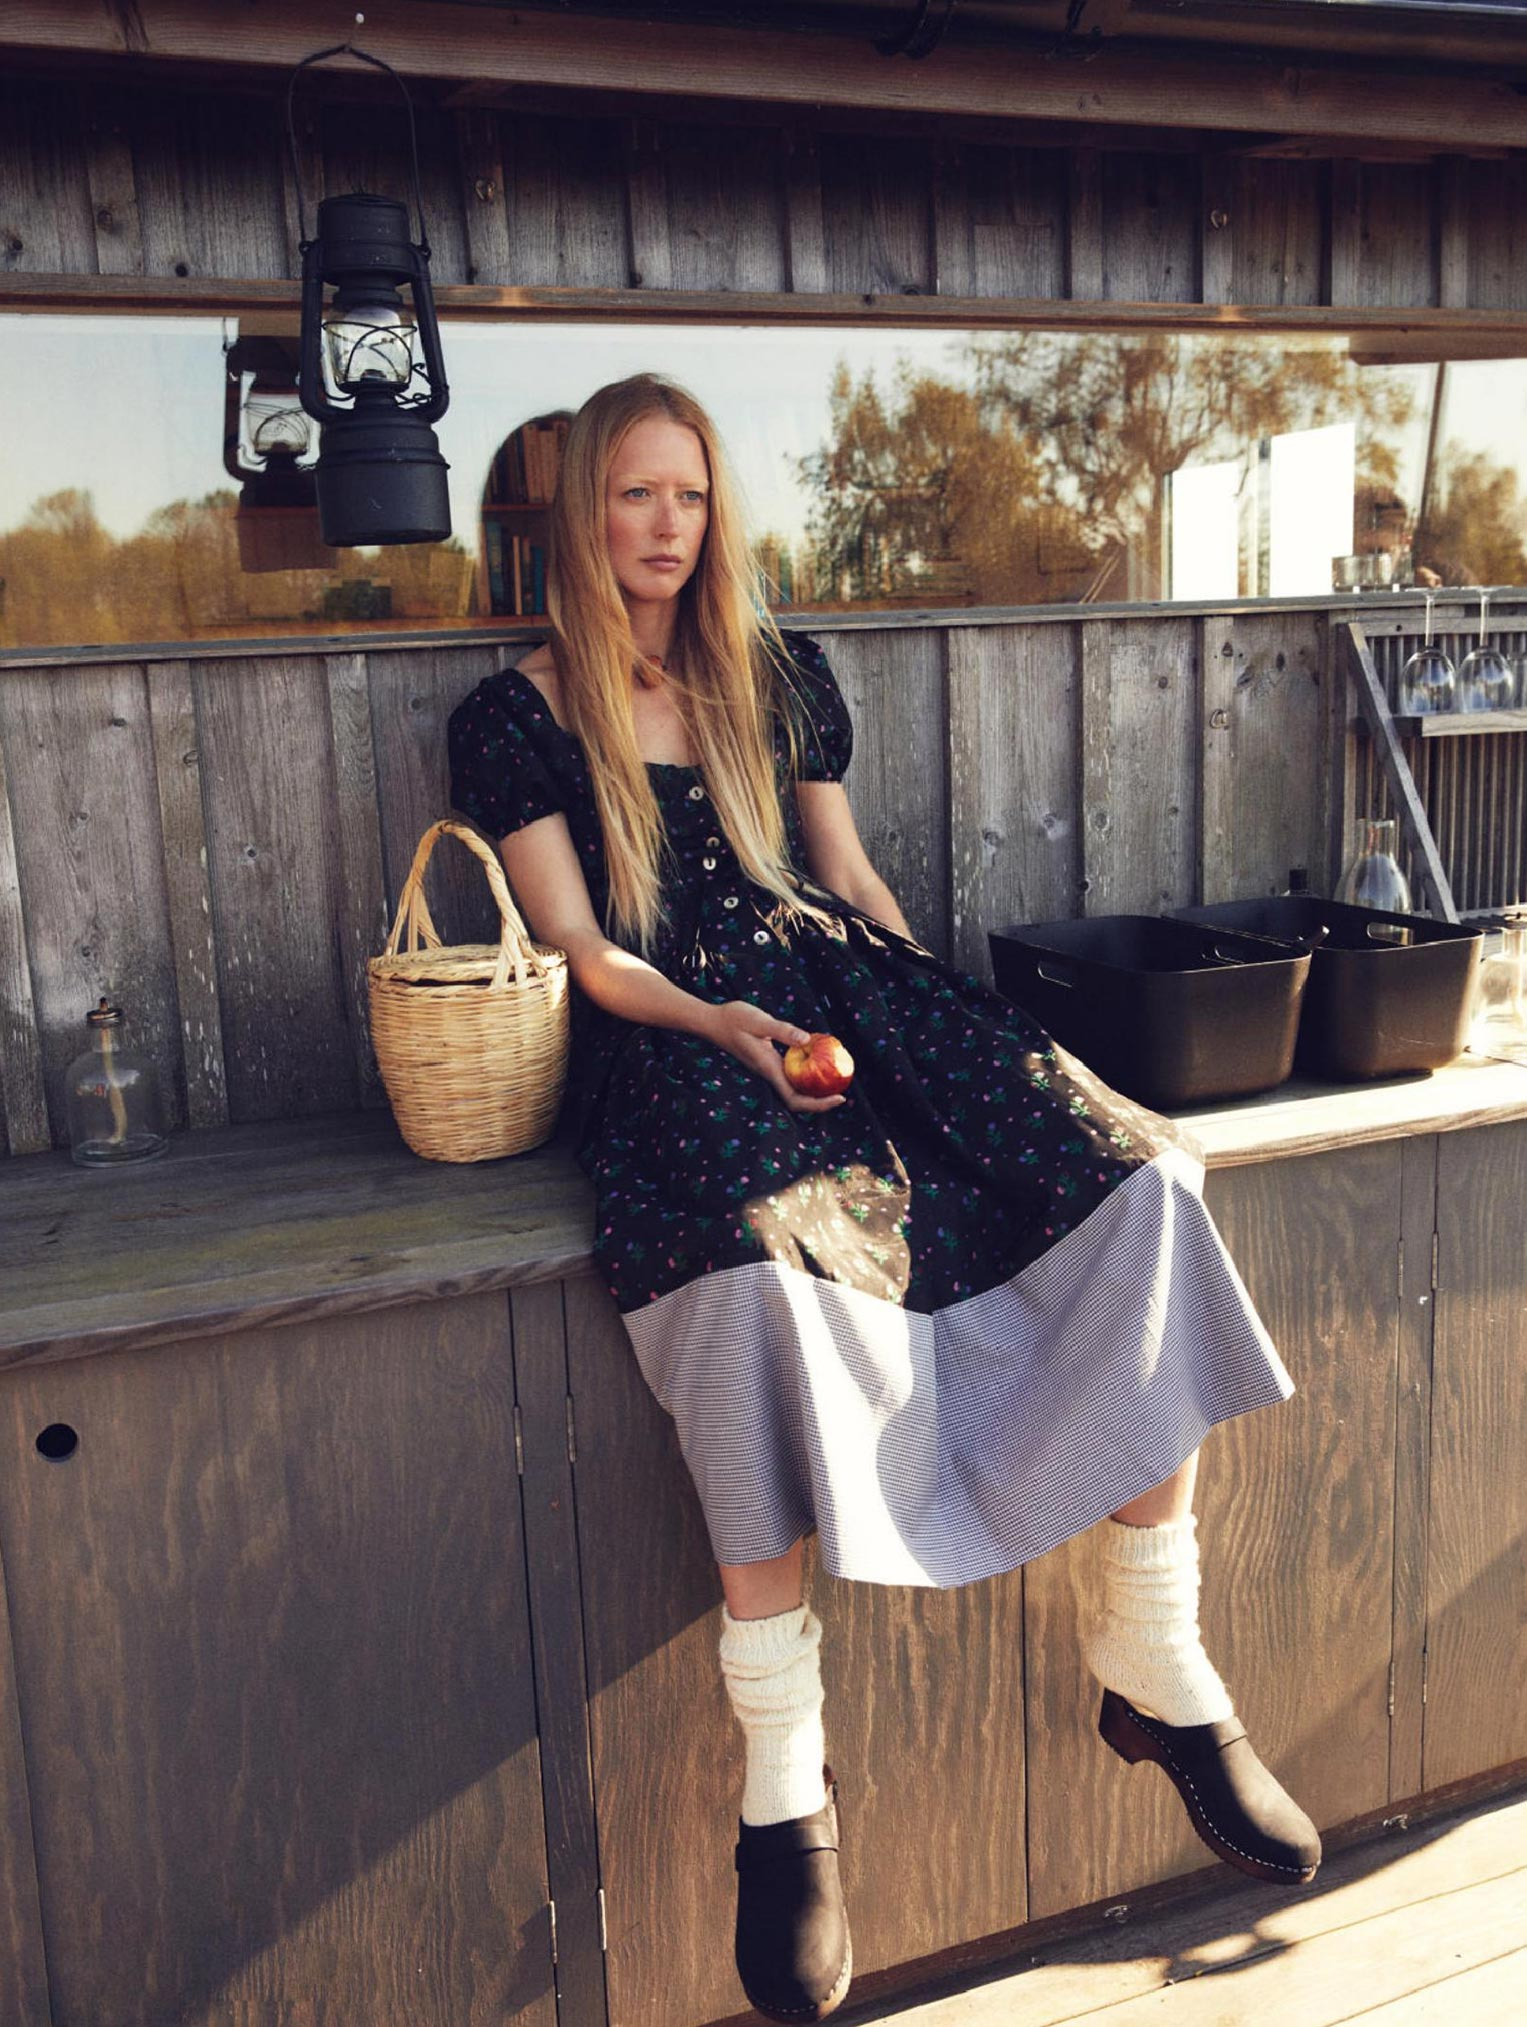 Бразильская модель в гостях у шведской - Эрика Линдер и Ракель Циммерман / фото 17